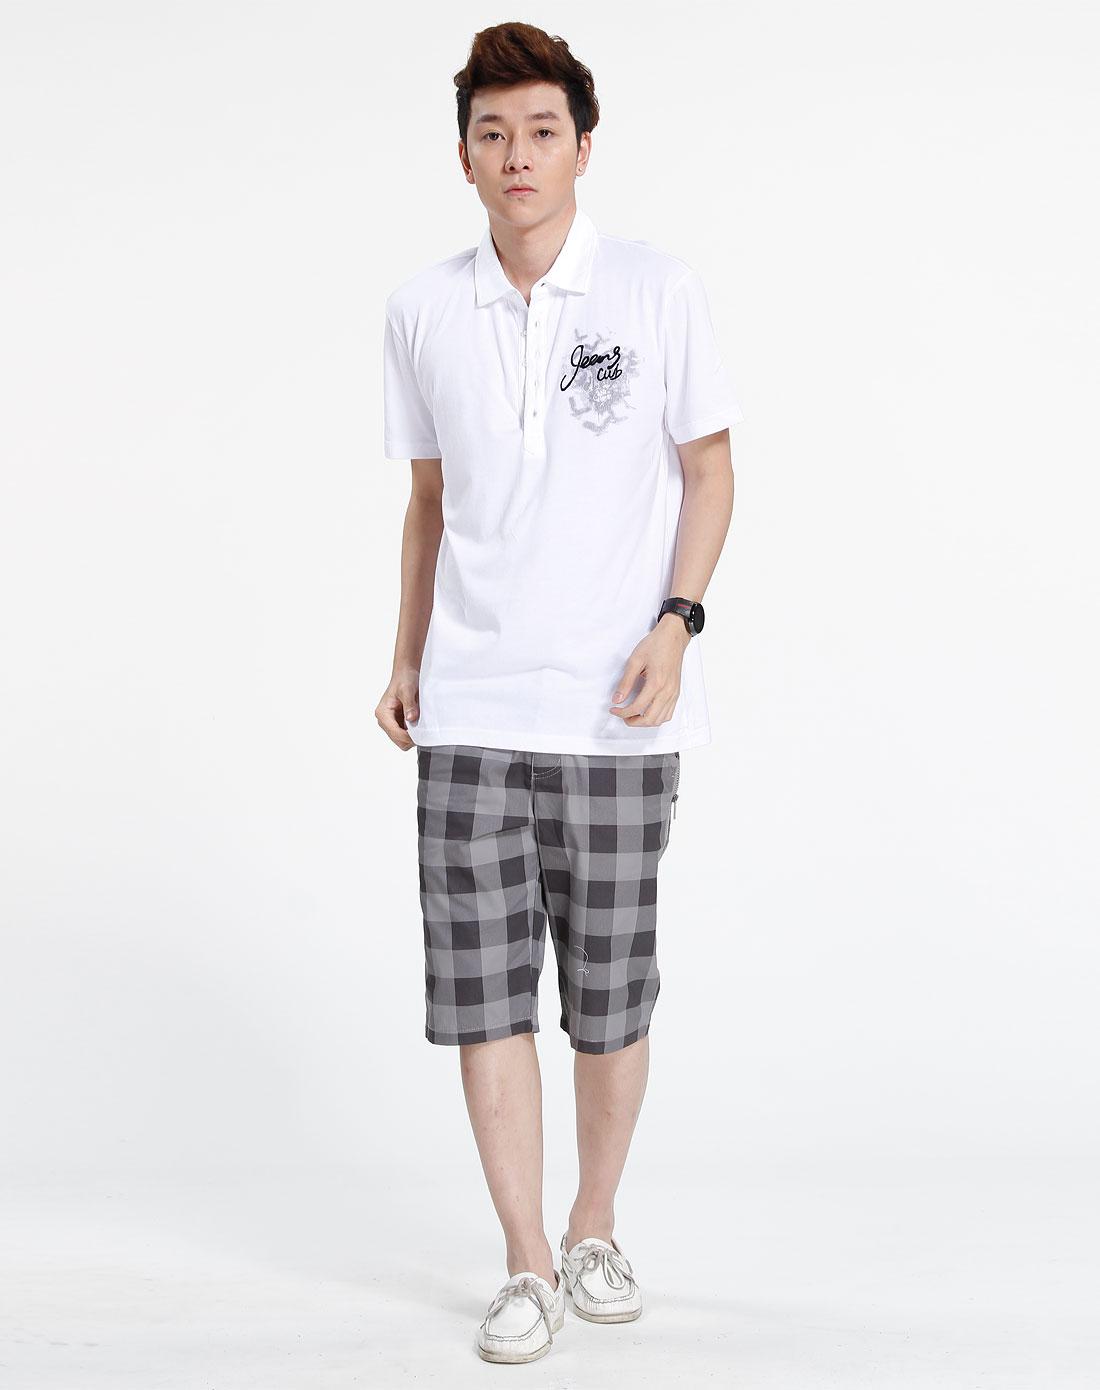 森马男装专场-白色休闲短袖t恤图片